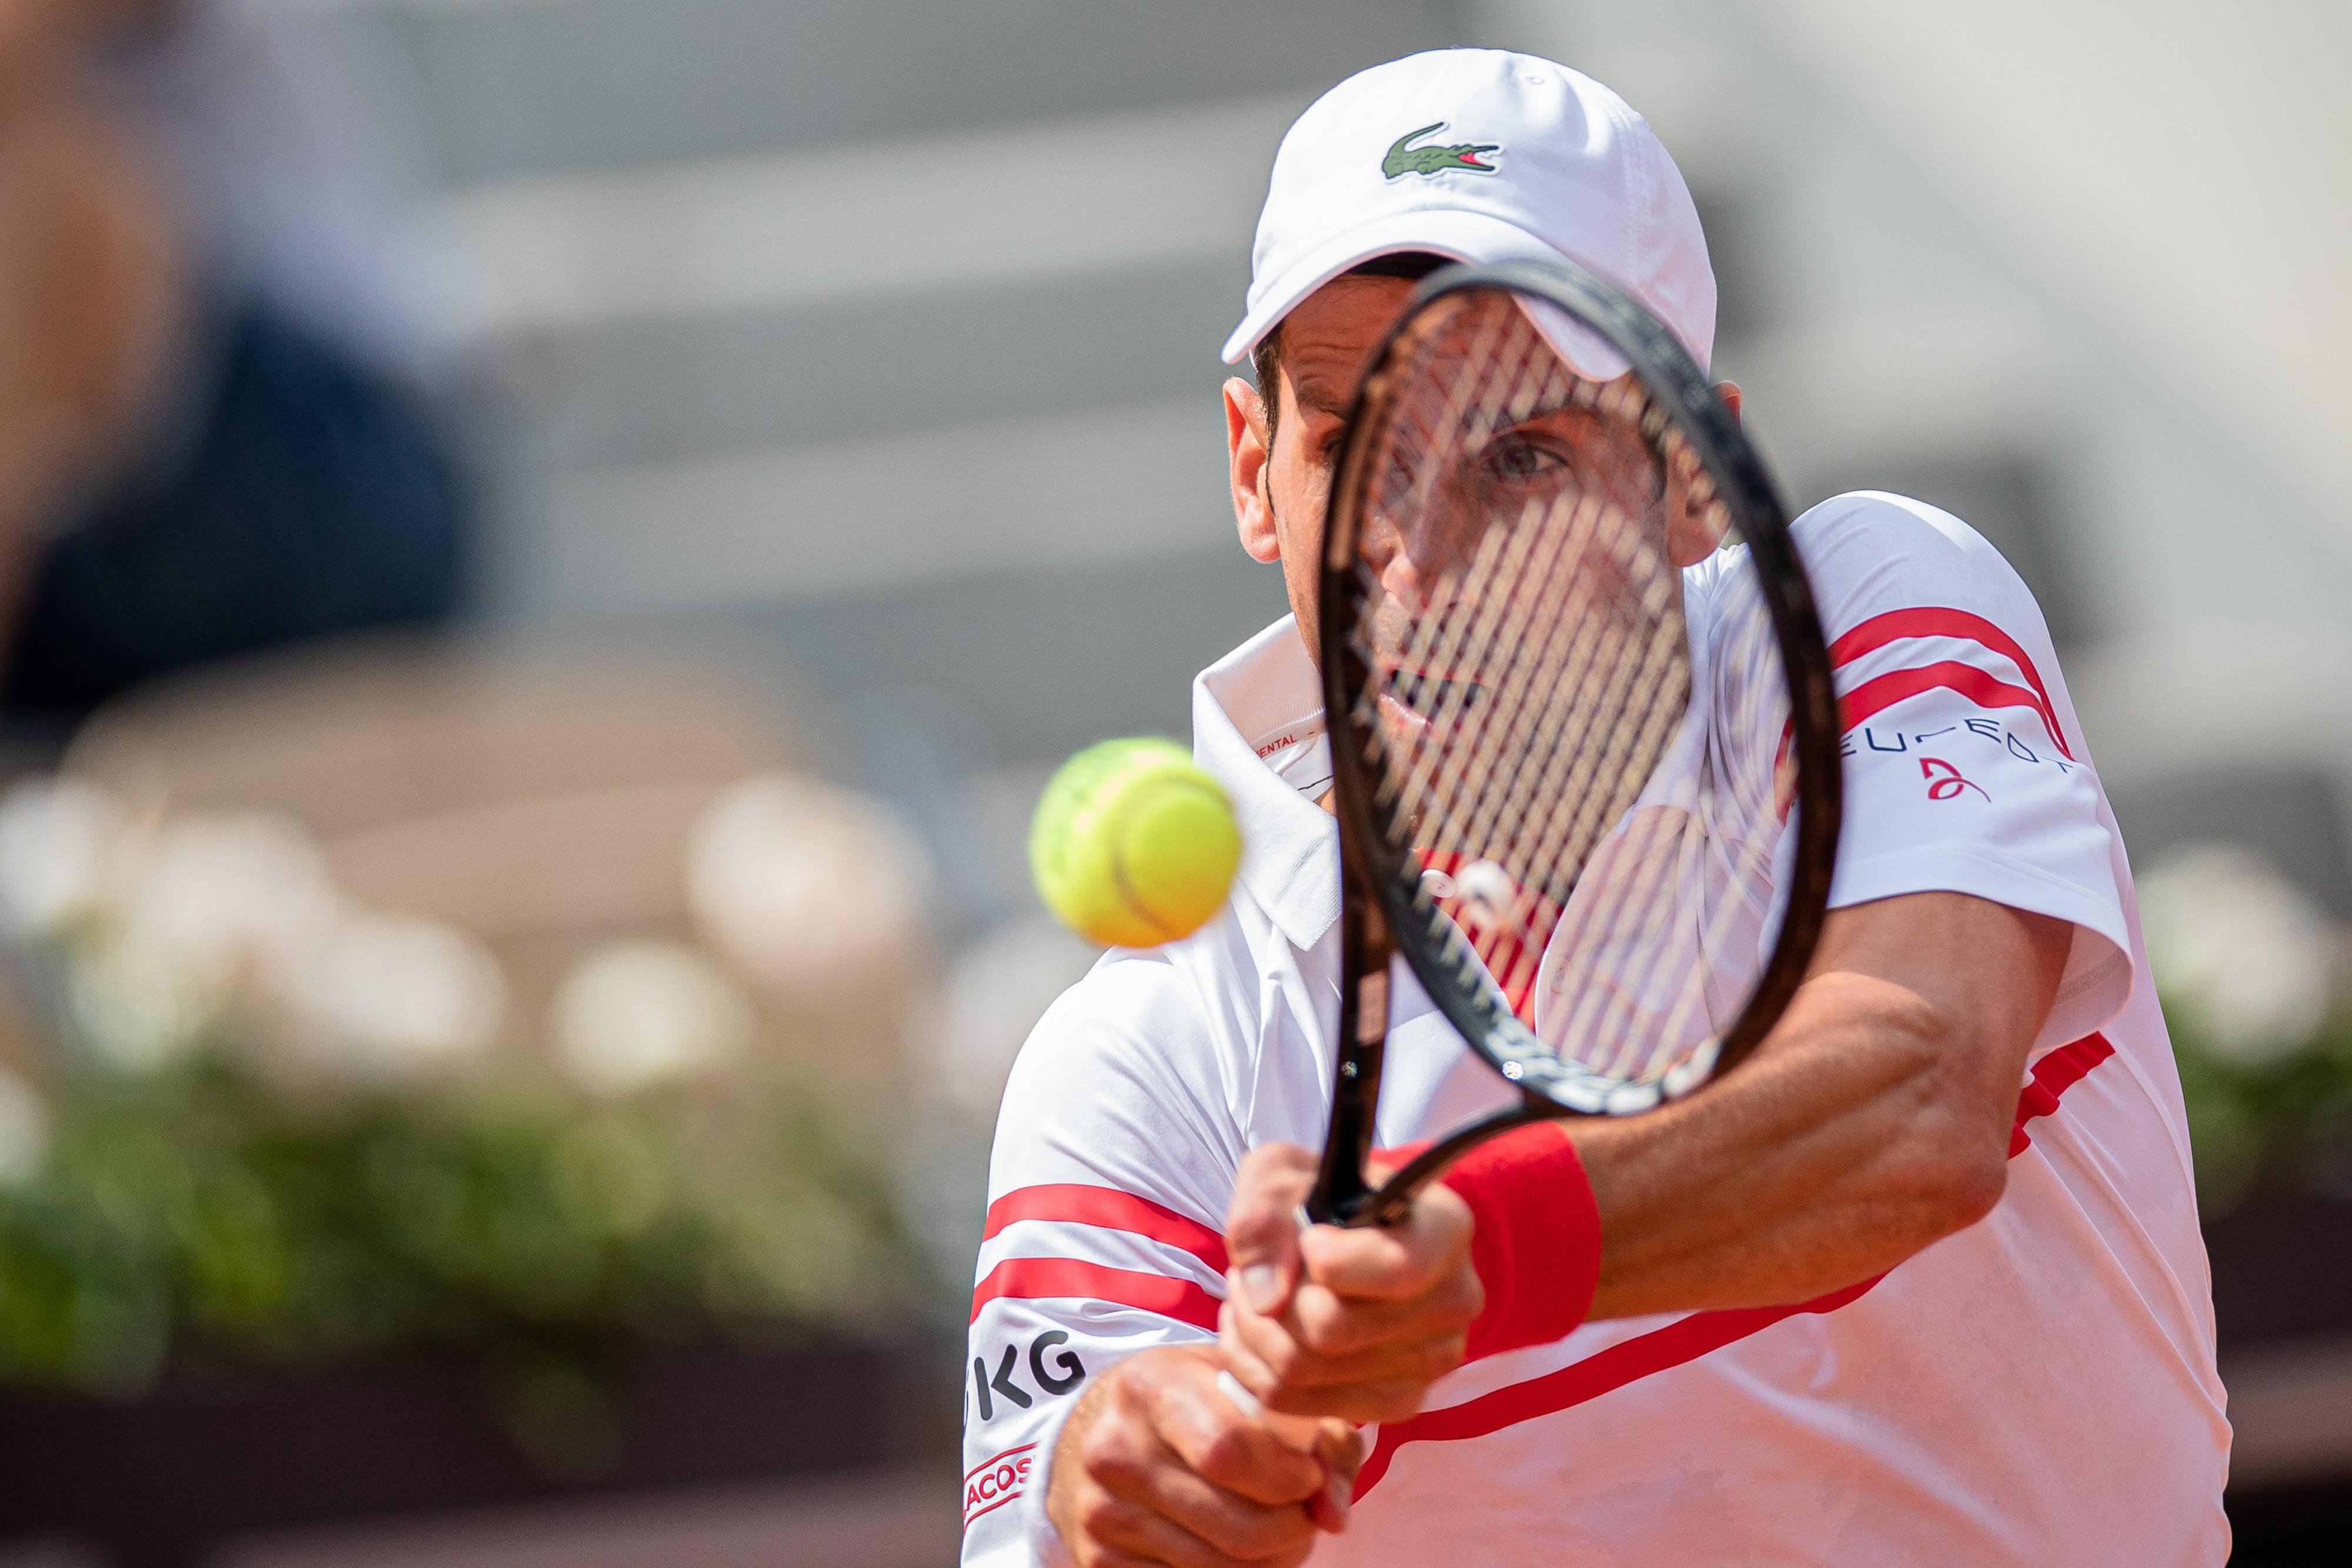 2021 French Open -- Novak Djokovic reaches third round